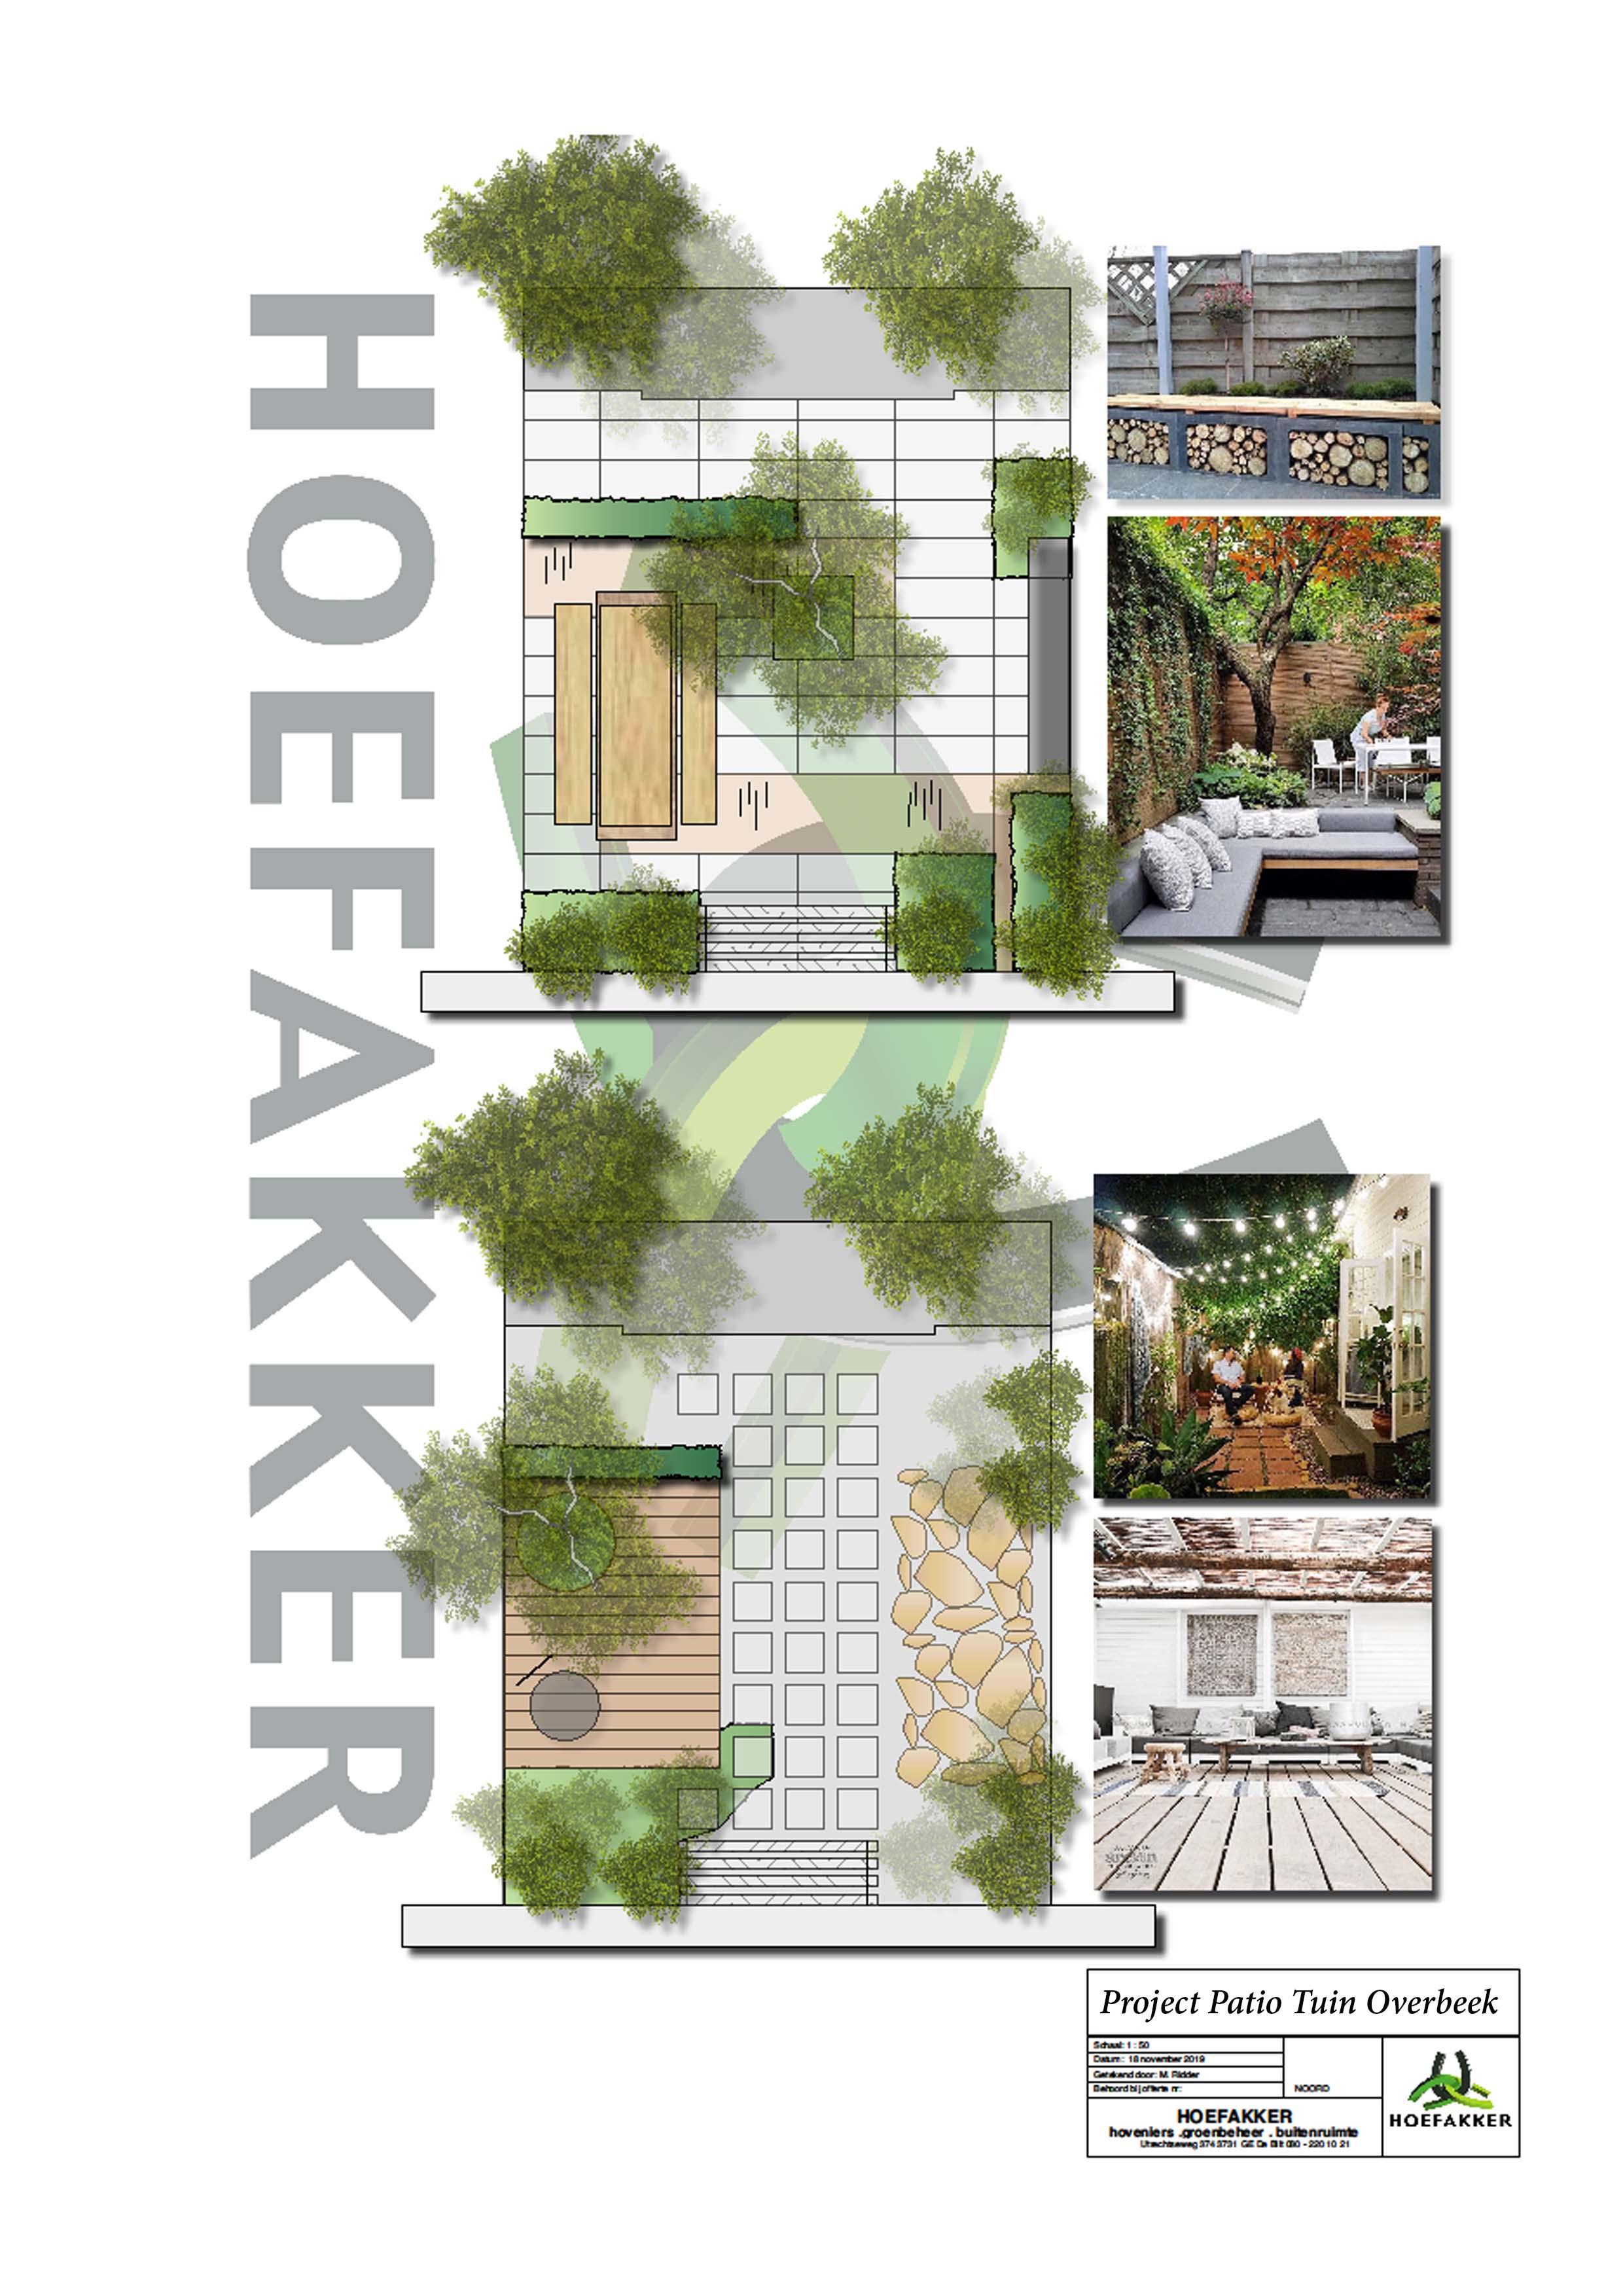 Hoefakker Hoveniers Ontwerp patio tuin Overbeek